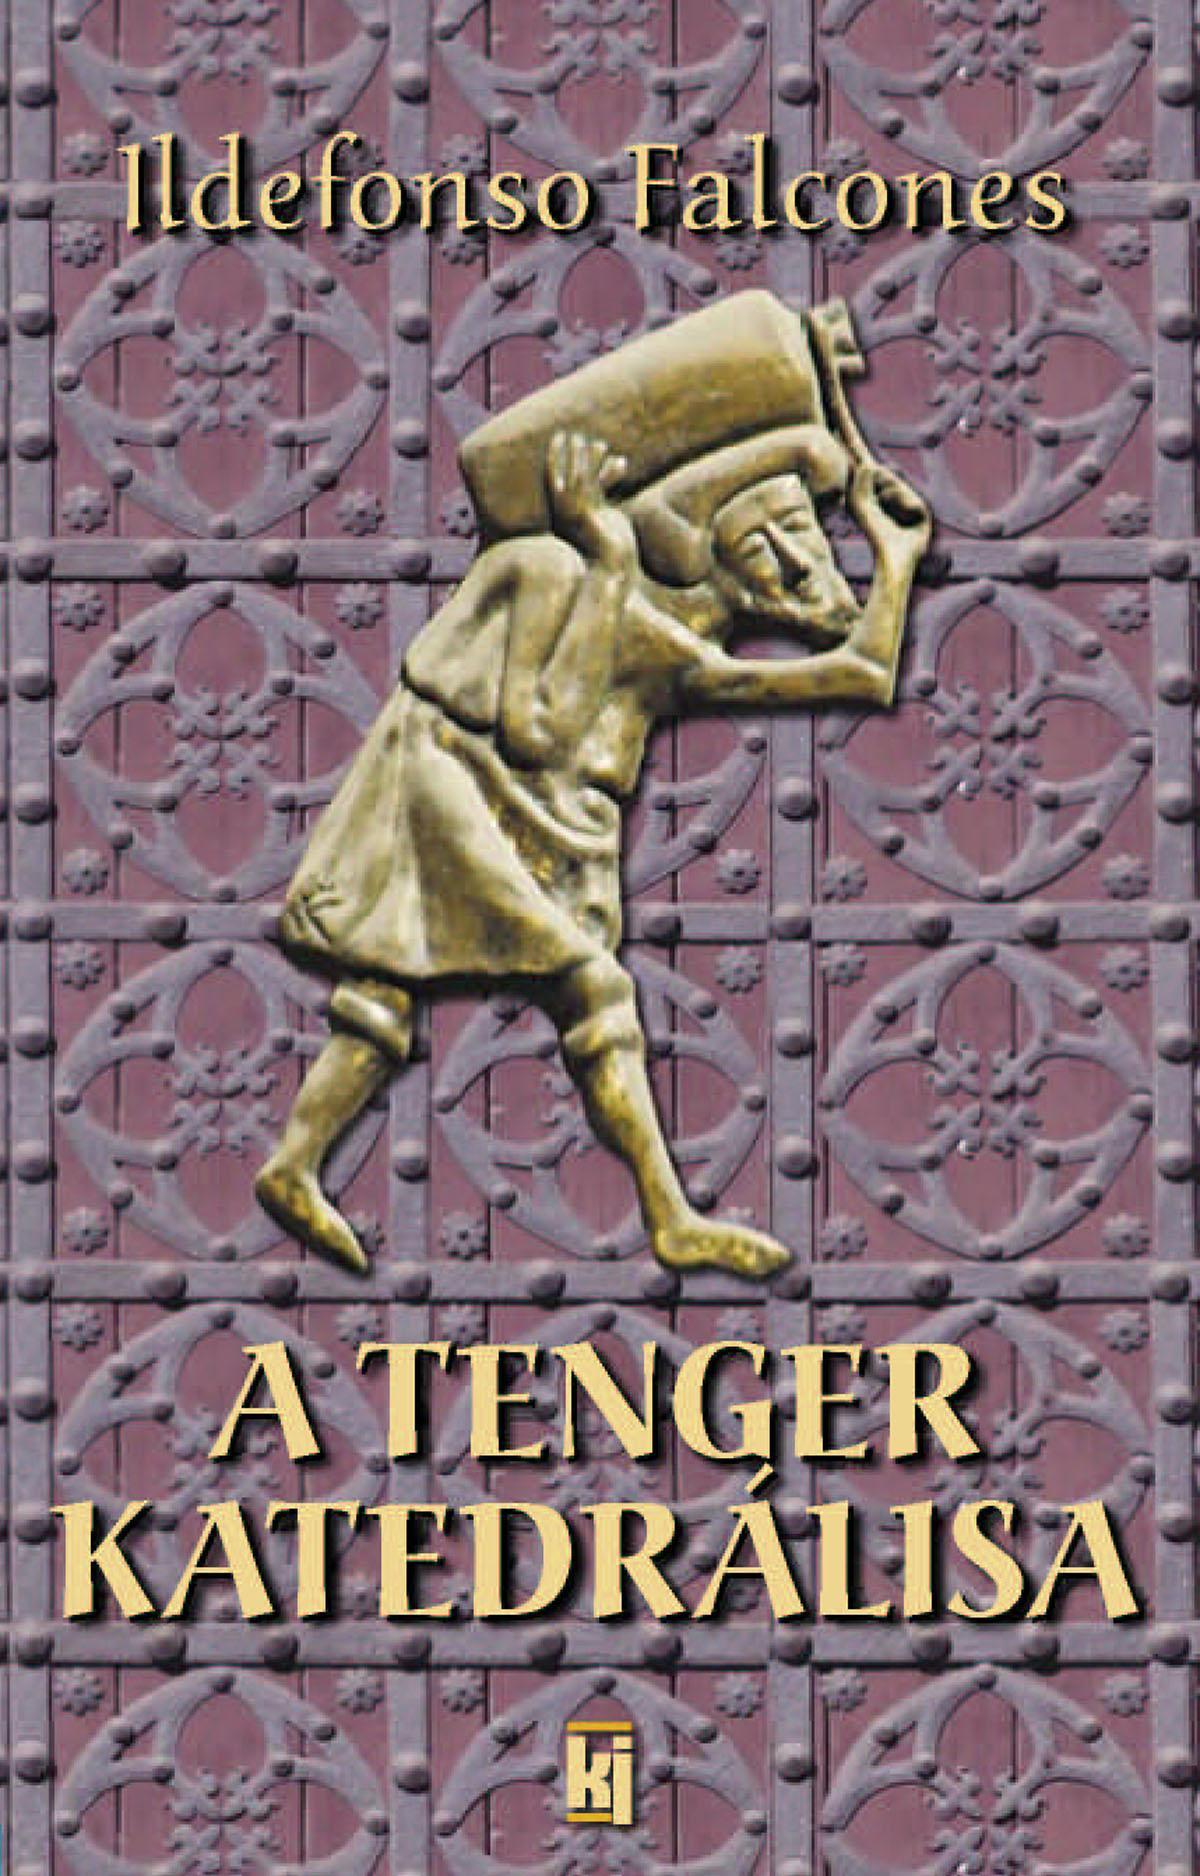 A TENGER KATEDRÁLISA (ÚJ KIADÁS)